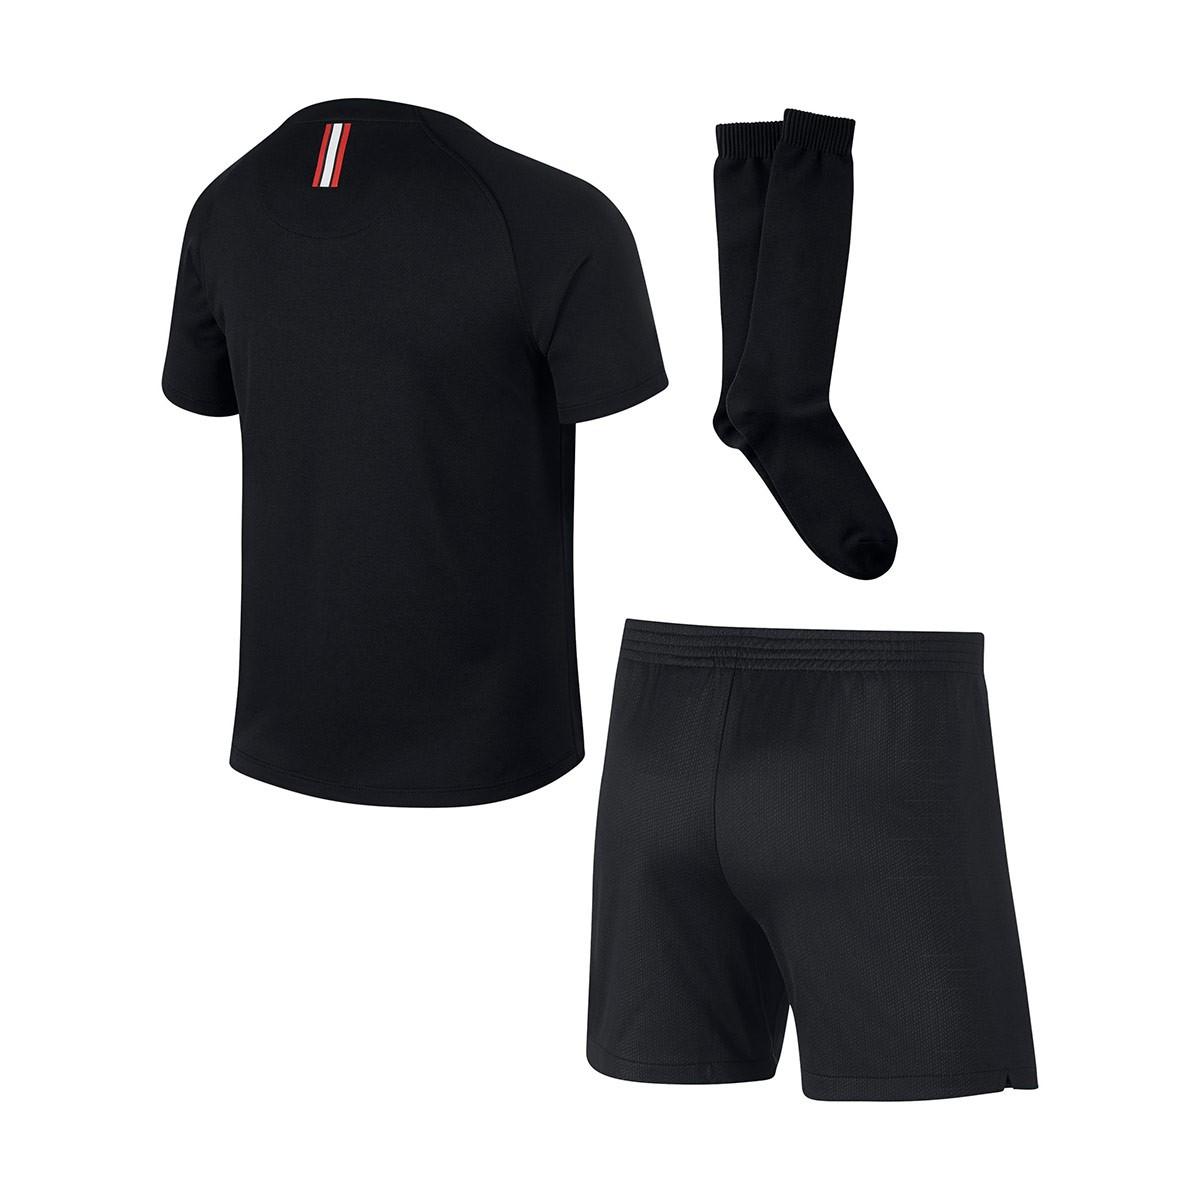 Conjunto Nike Paris Saint-Germain Tercera Equipación 2018-2019 Niño  Black-White - Soloporteros es ahora Fútbol Emotion 3d6fdf93a22dc